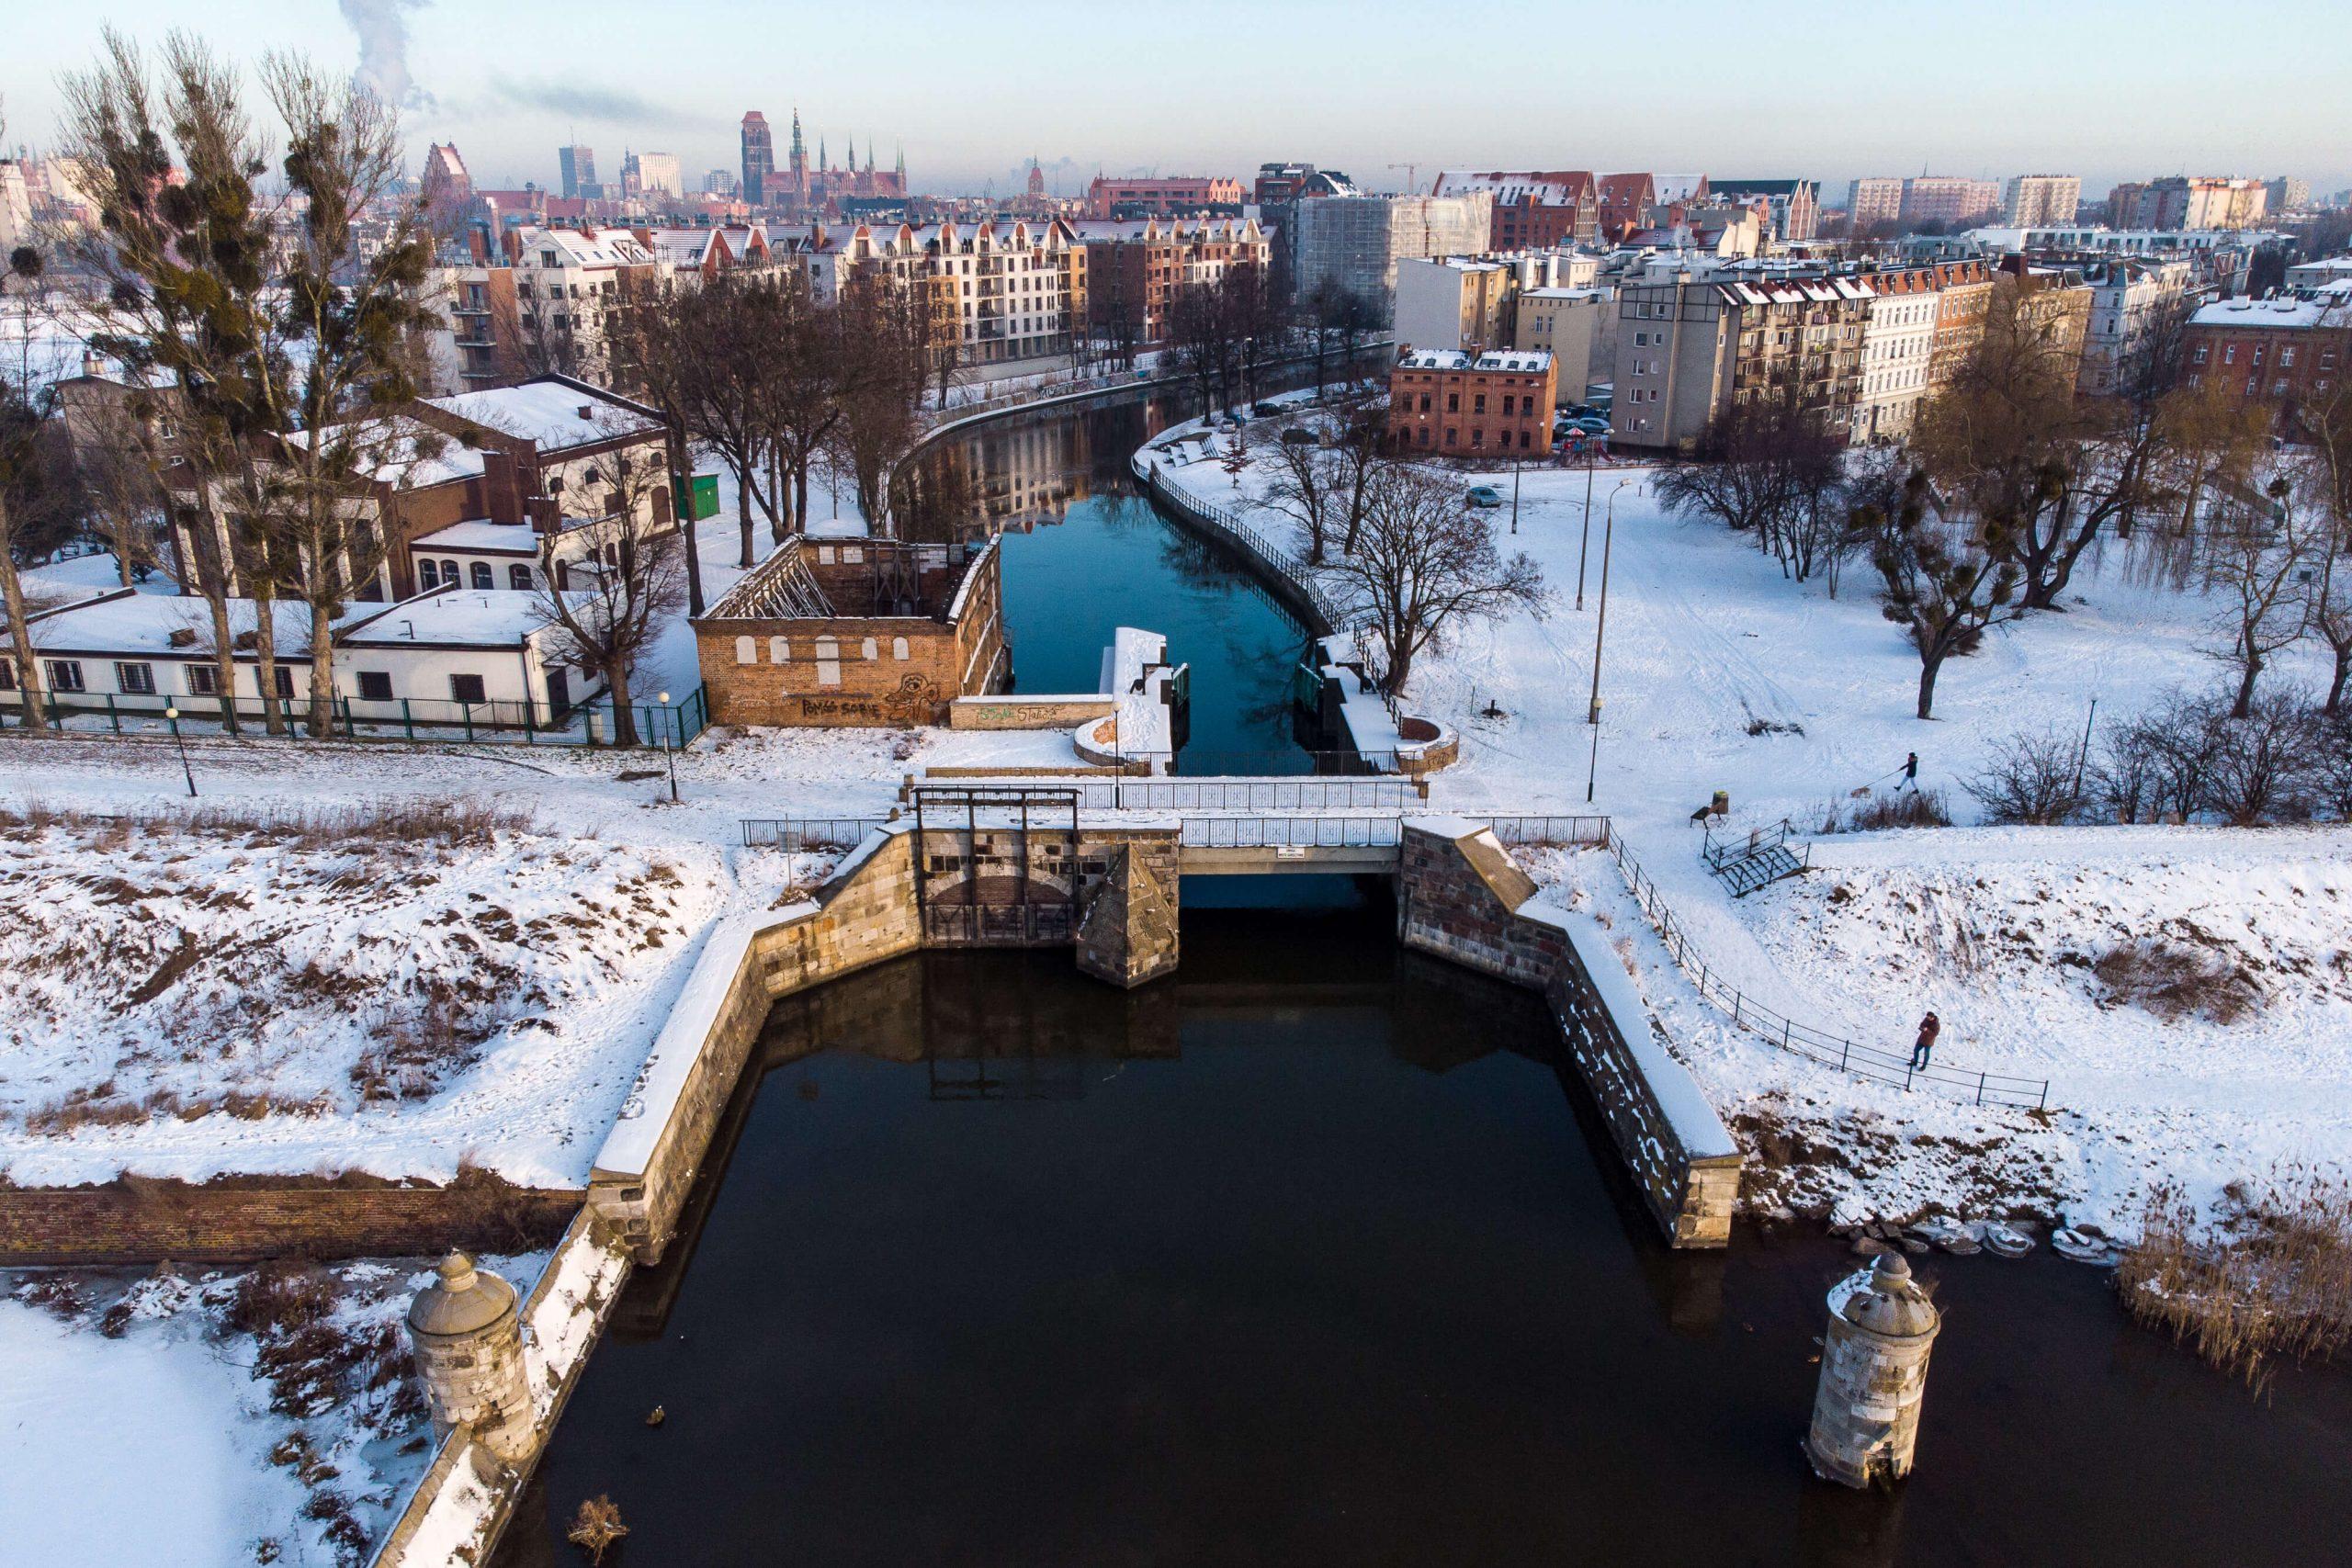 Gdansk zima 15 scaled - Gdańsk zimą jest piękny! Zimowy spacer po Dolnym Mieście